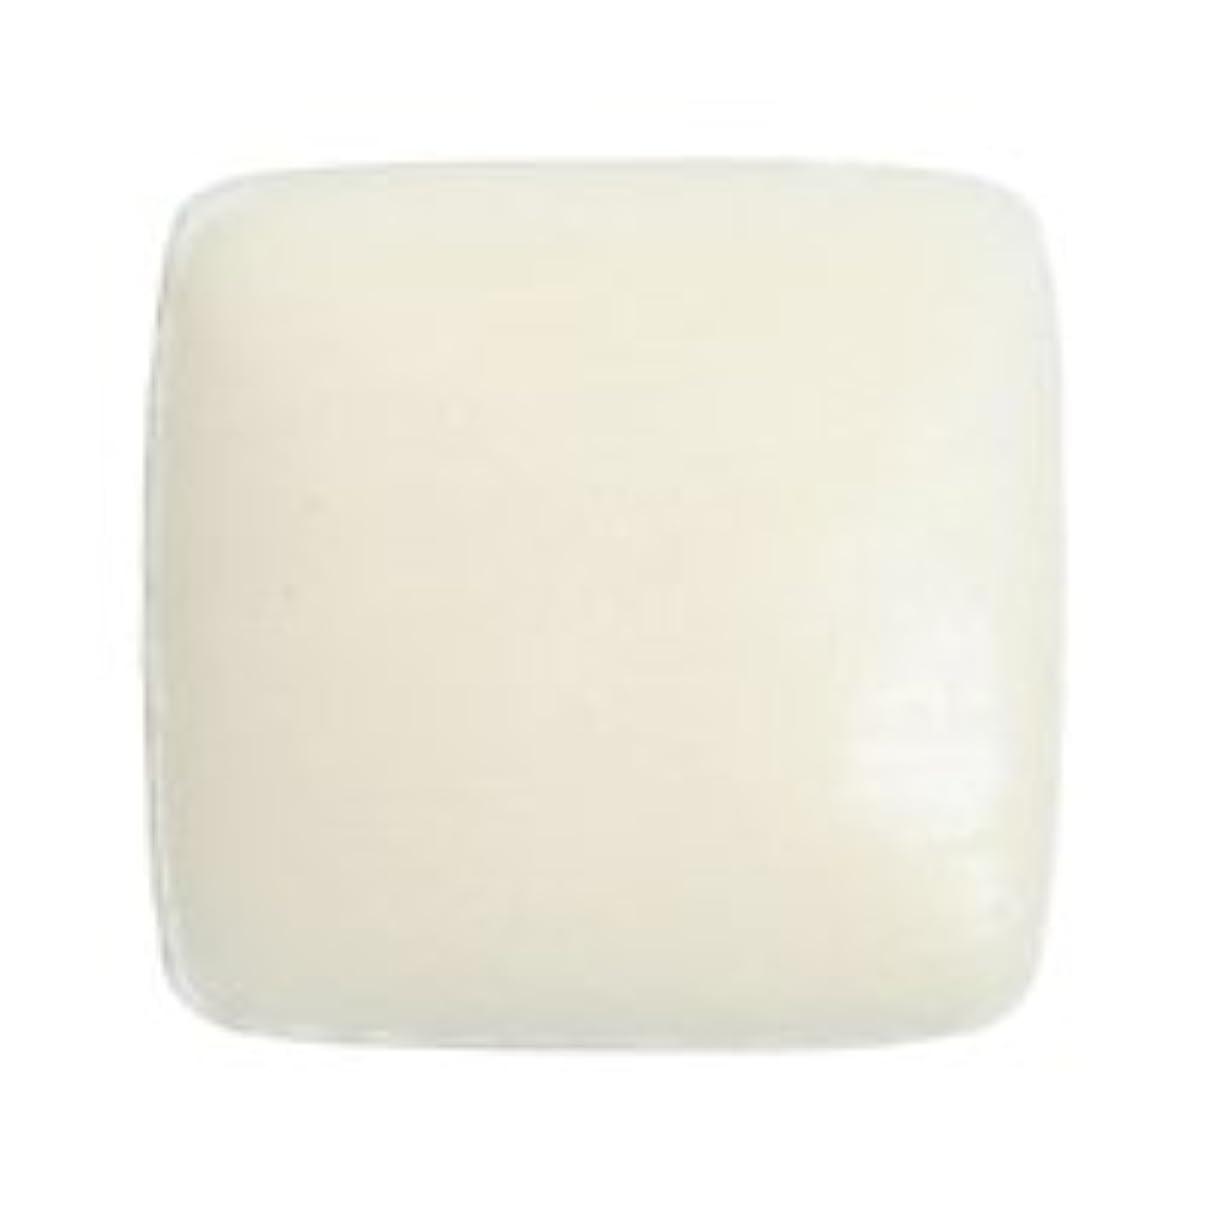 窓を洗うノーブル穿孔するドクターY ホワイトクレイソープ80g 固形石鹸